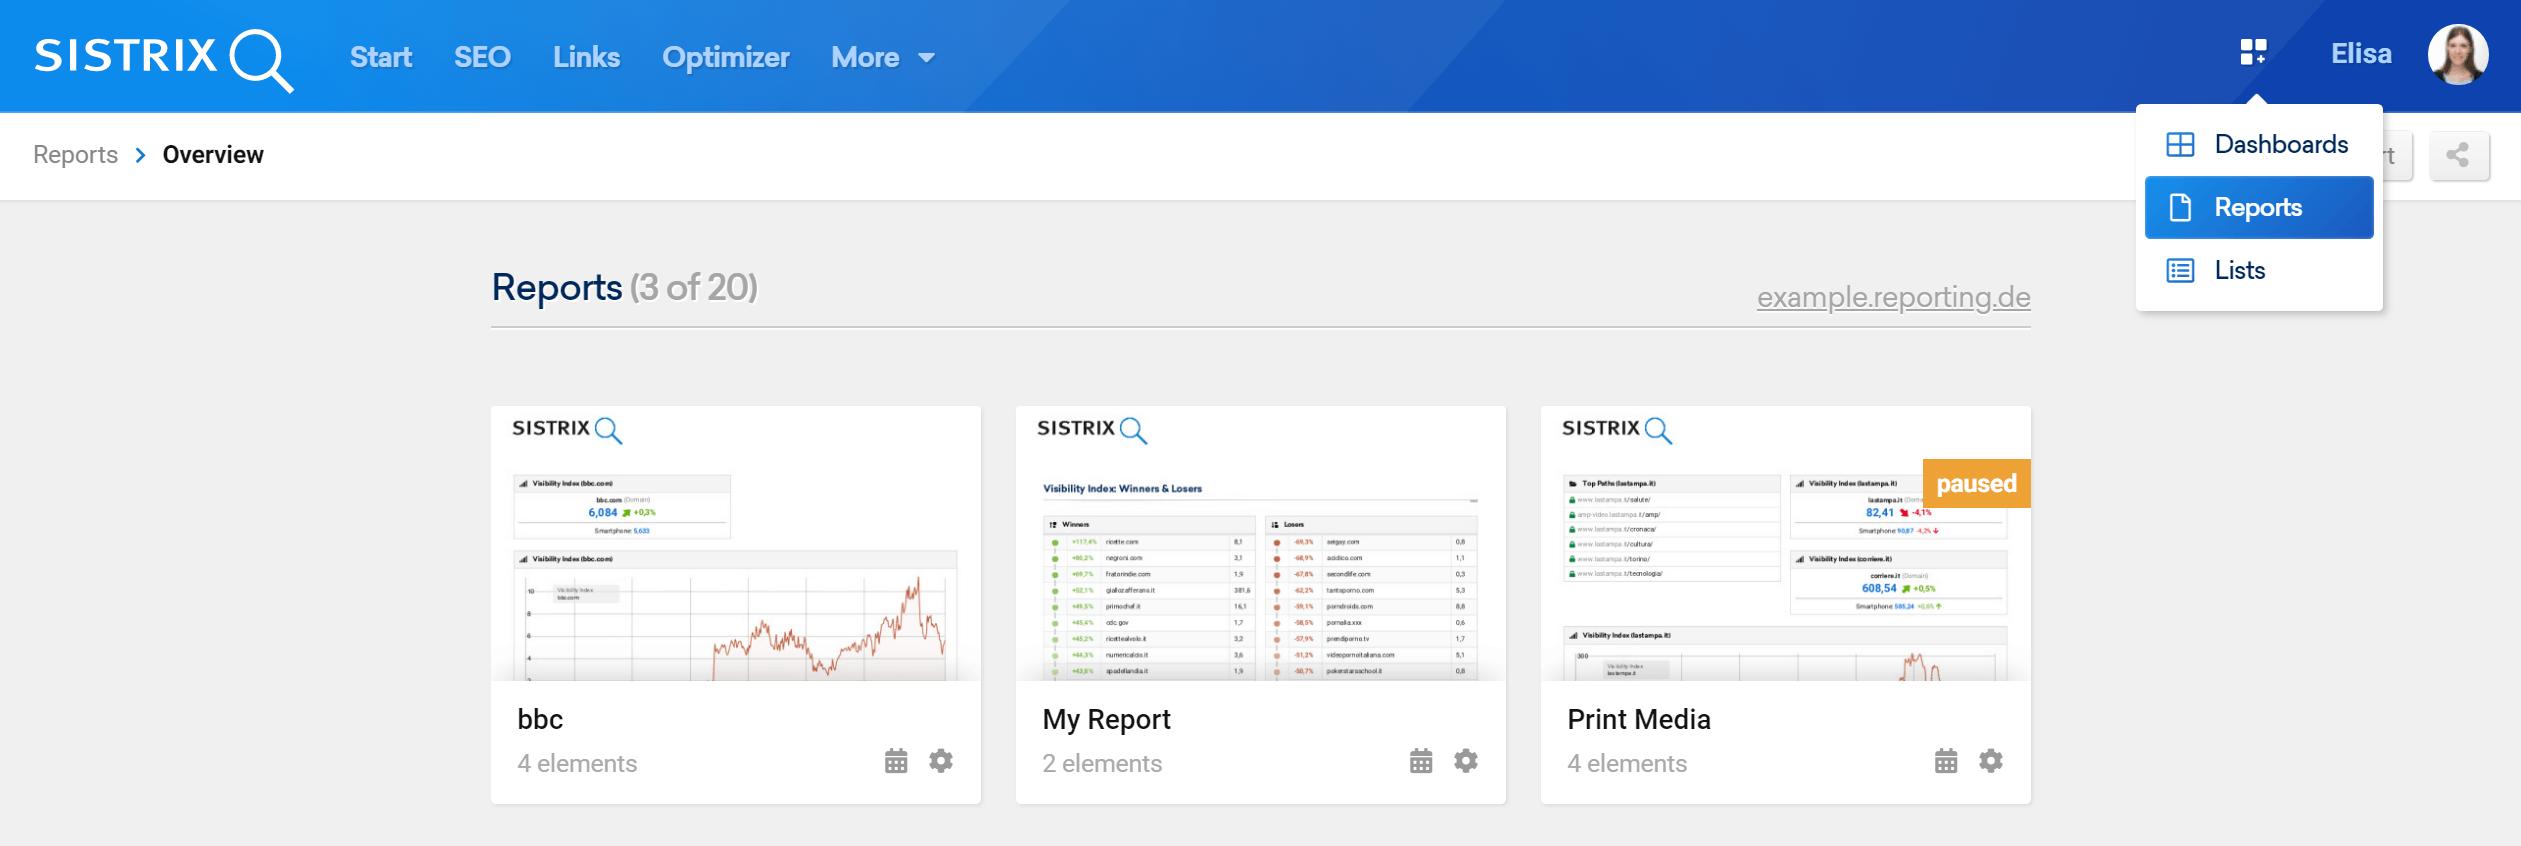 Sezione di panoramica dei Report nel Toolbox SISTRIX